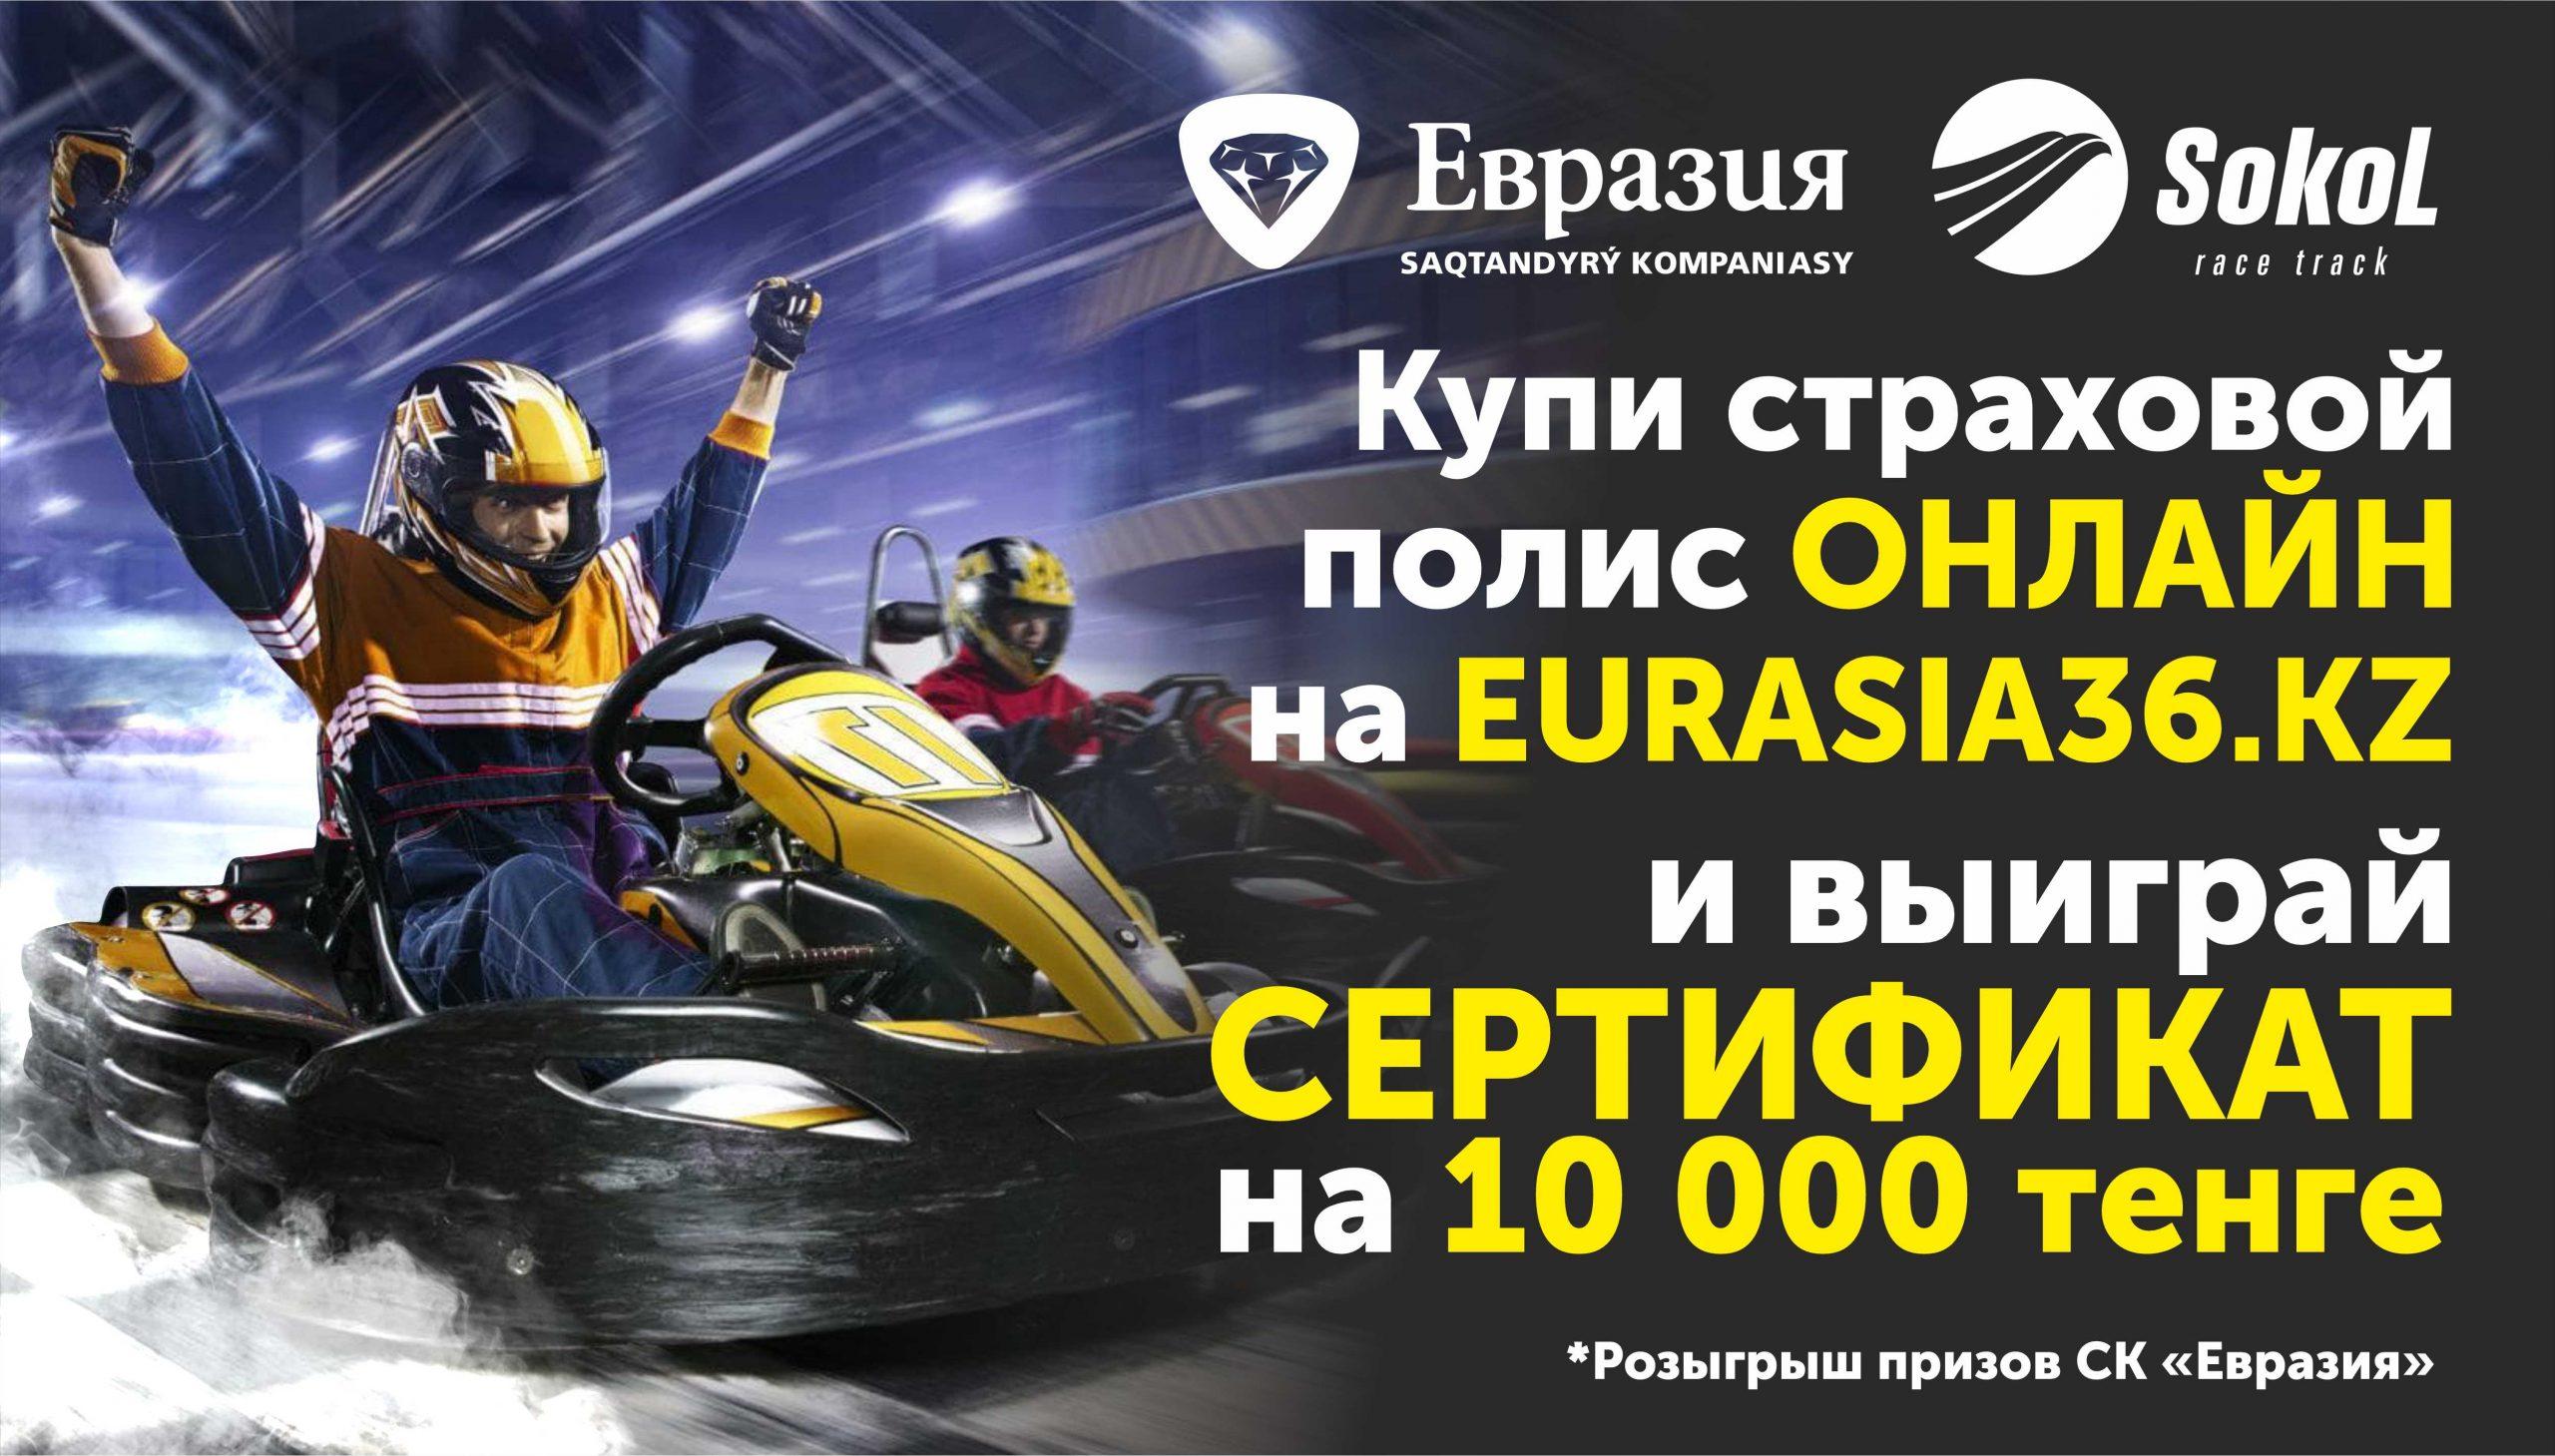 Акция от Eurasia36.kz - «10+10+10 000»